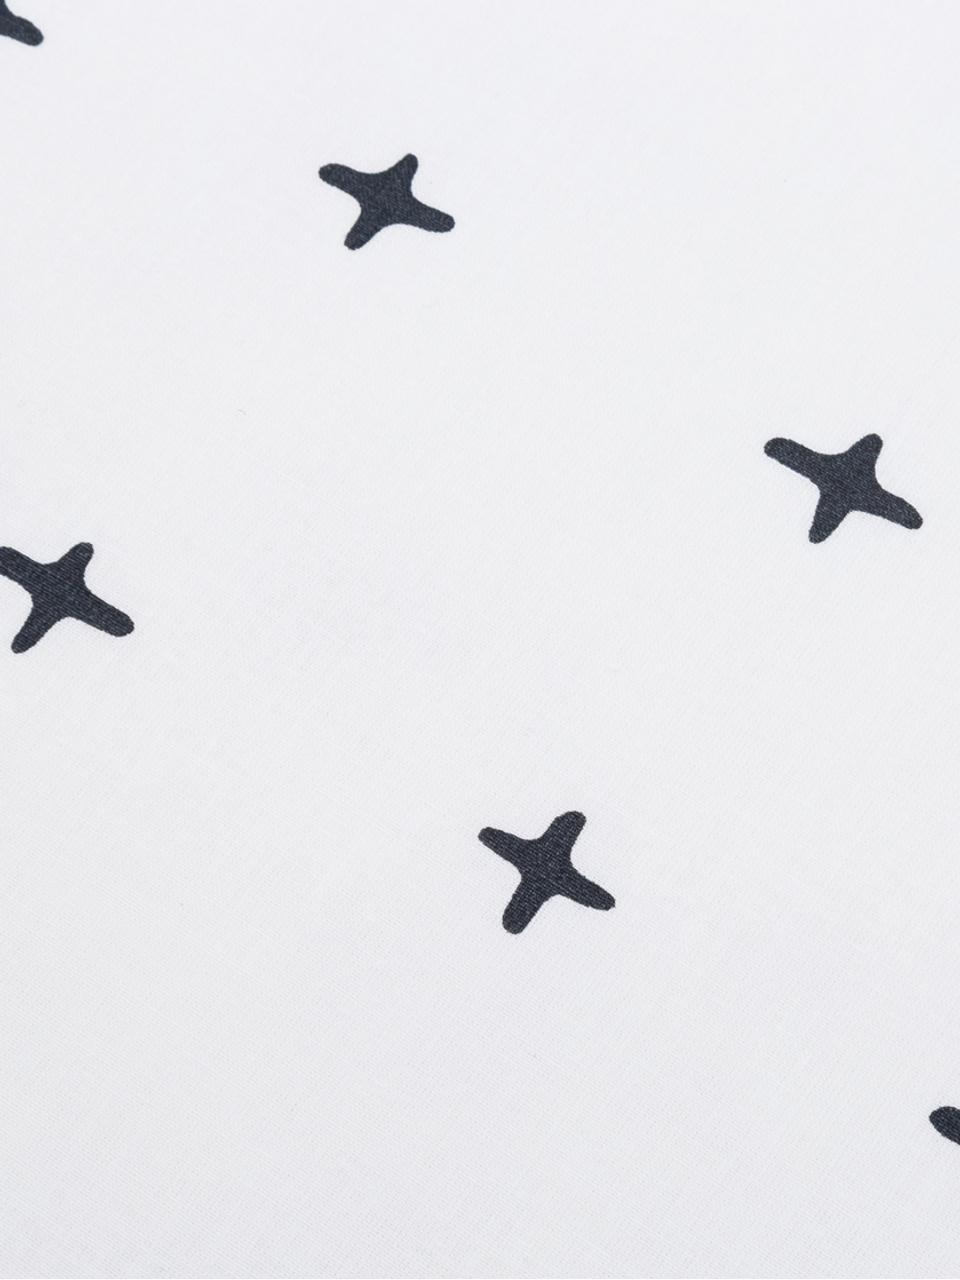 Baumwoll-Wendebettwäsche Odd Twins, gemustert/gestreift, Webart: Renforcé Renforcé besteht, Weiß, Anthrazit, 135 x 200 cm + 1 Kissen 80 x 80 cm